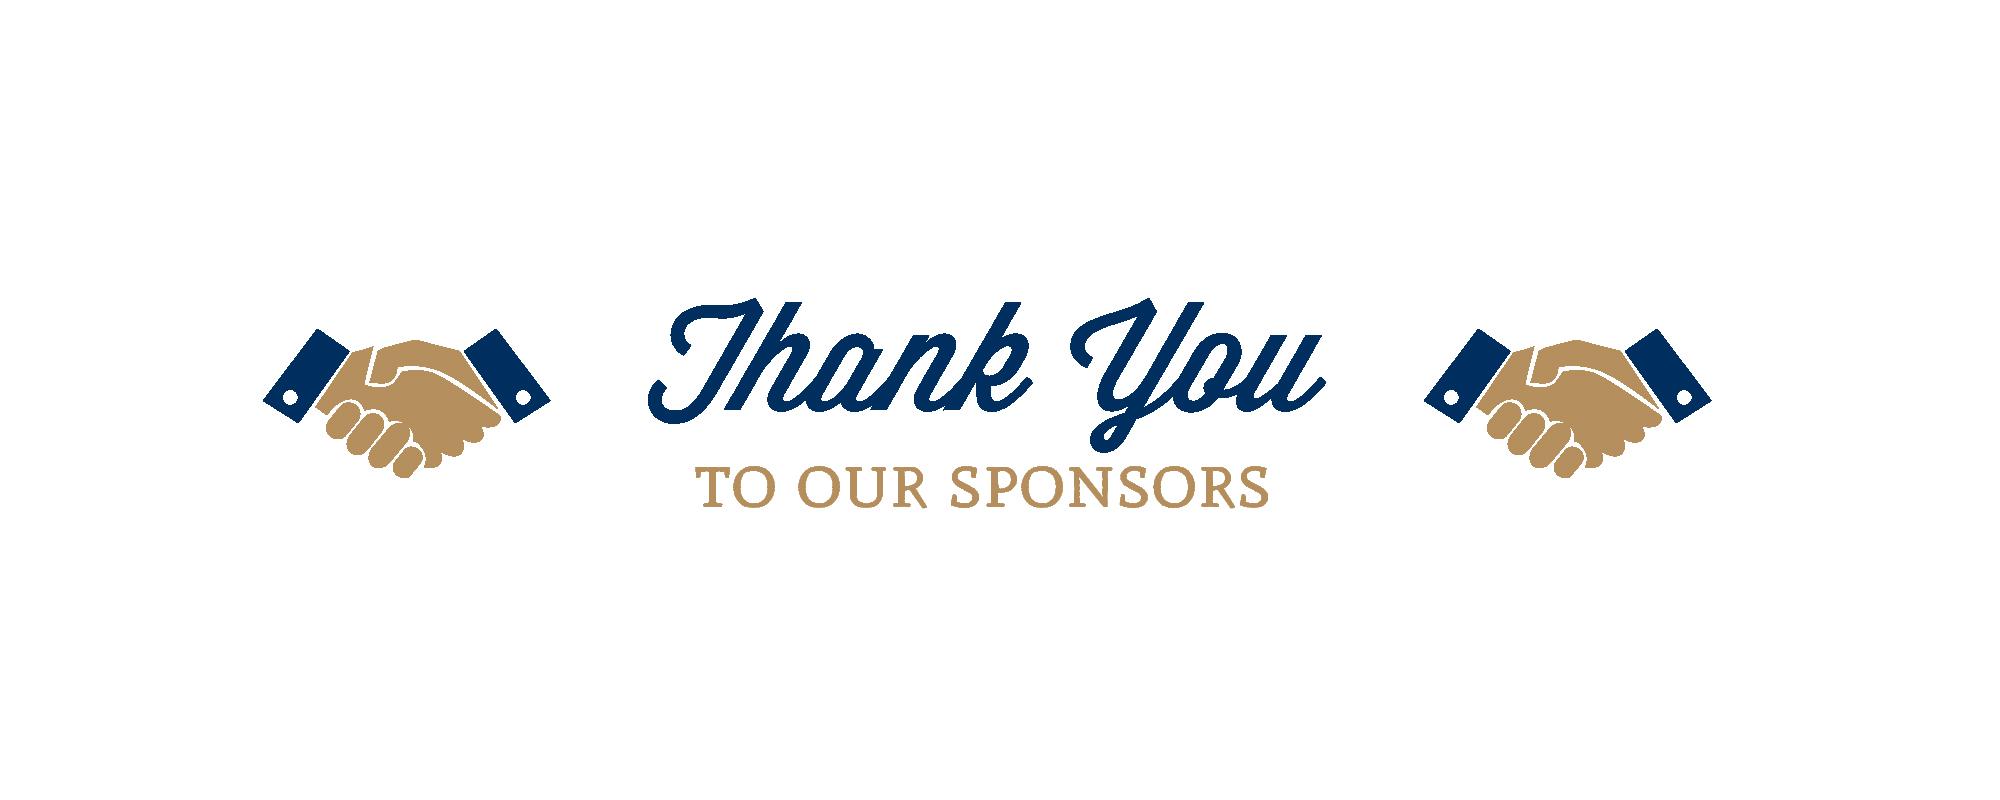 sponsor thanks.jpg